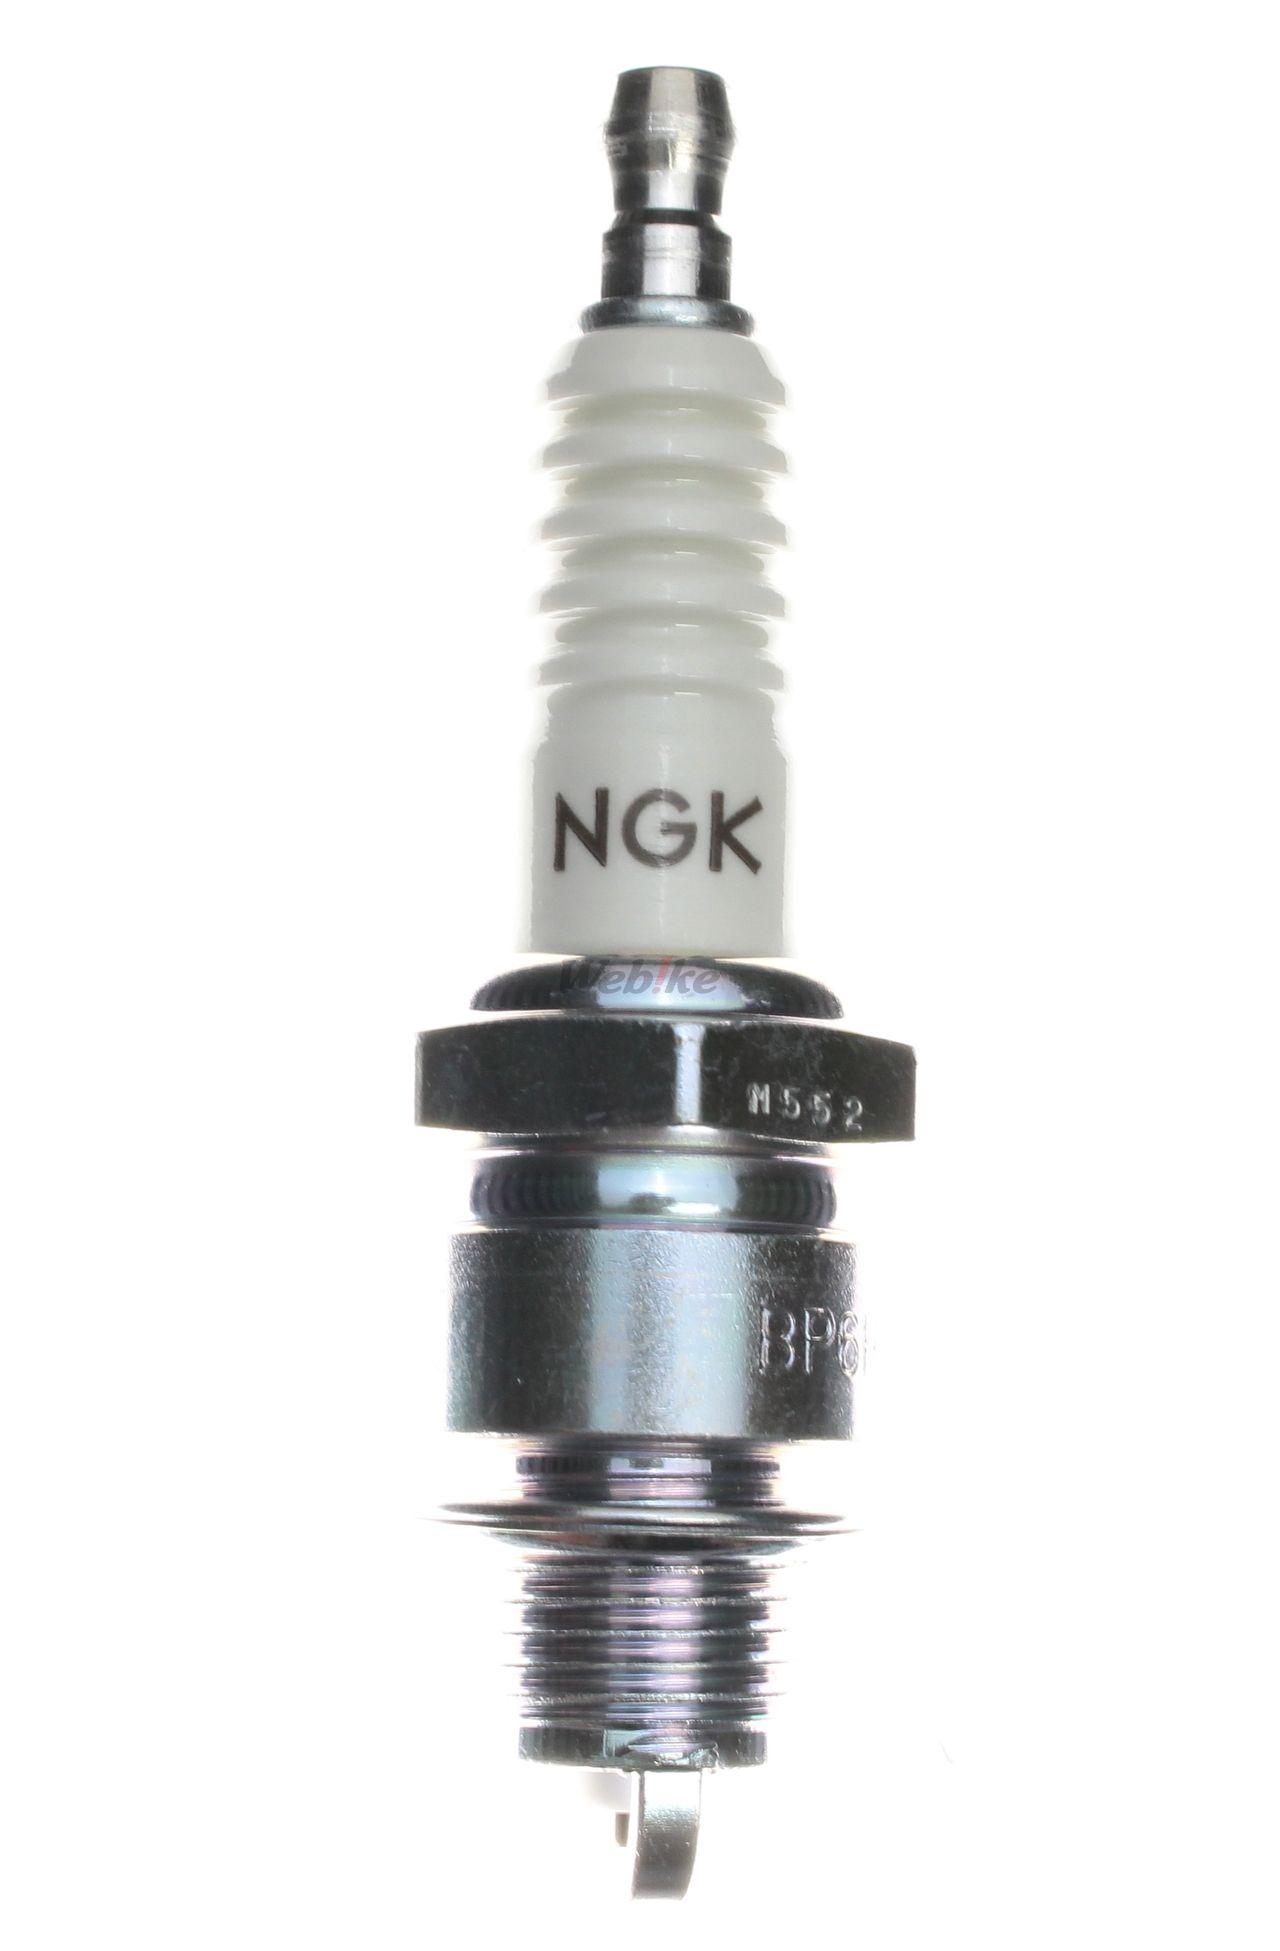 【NGK】標準型 火星塞 BP6HS-10 6326 - 「Webike-摩托百貨」